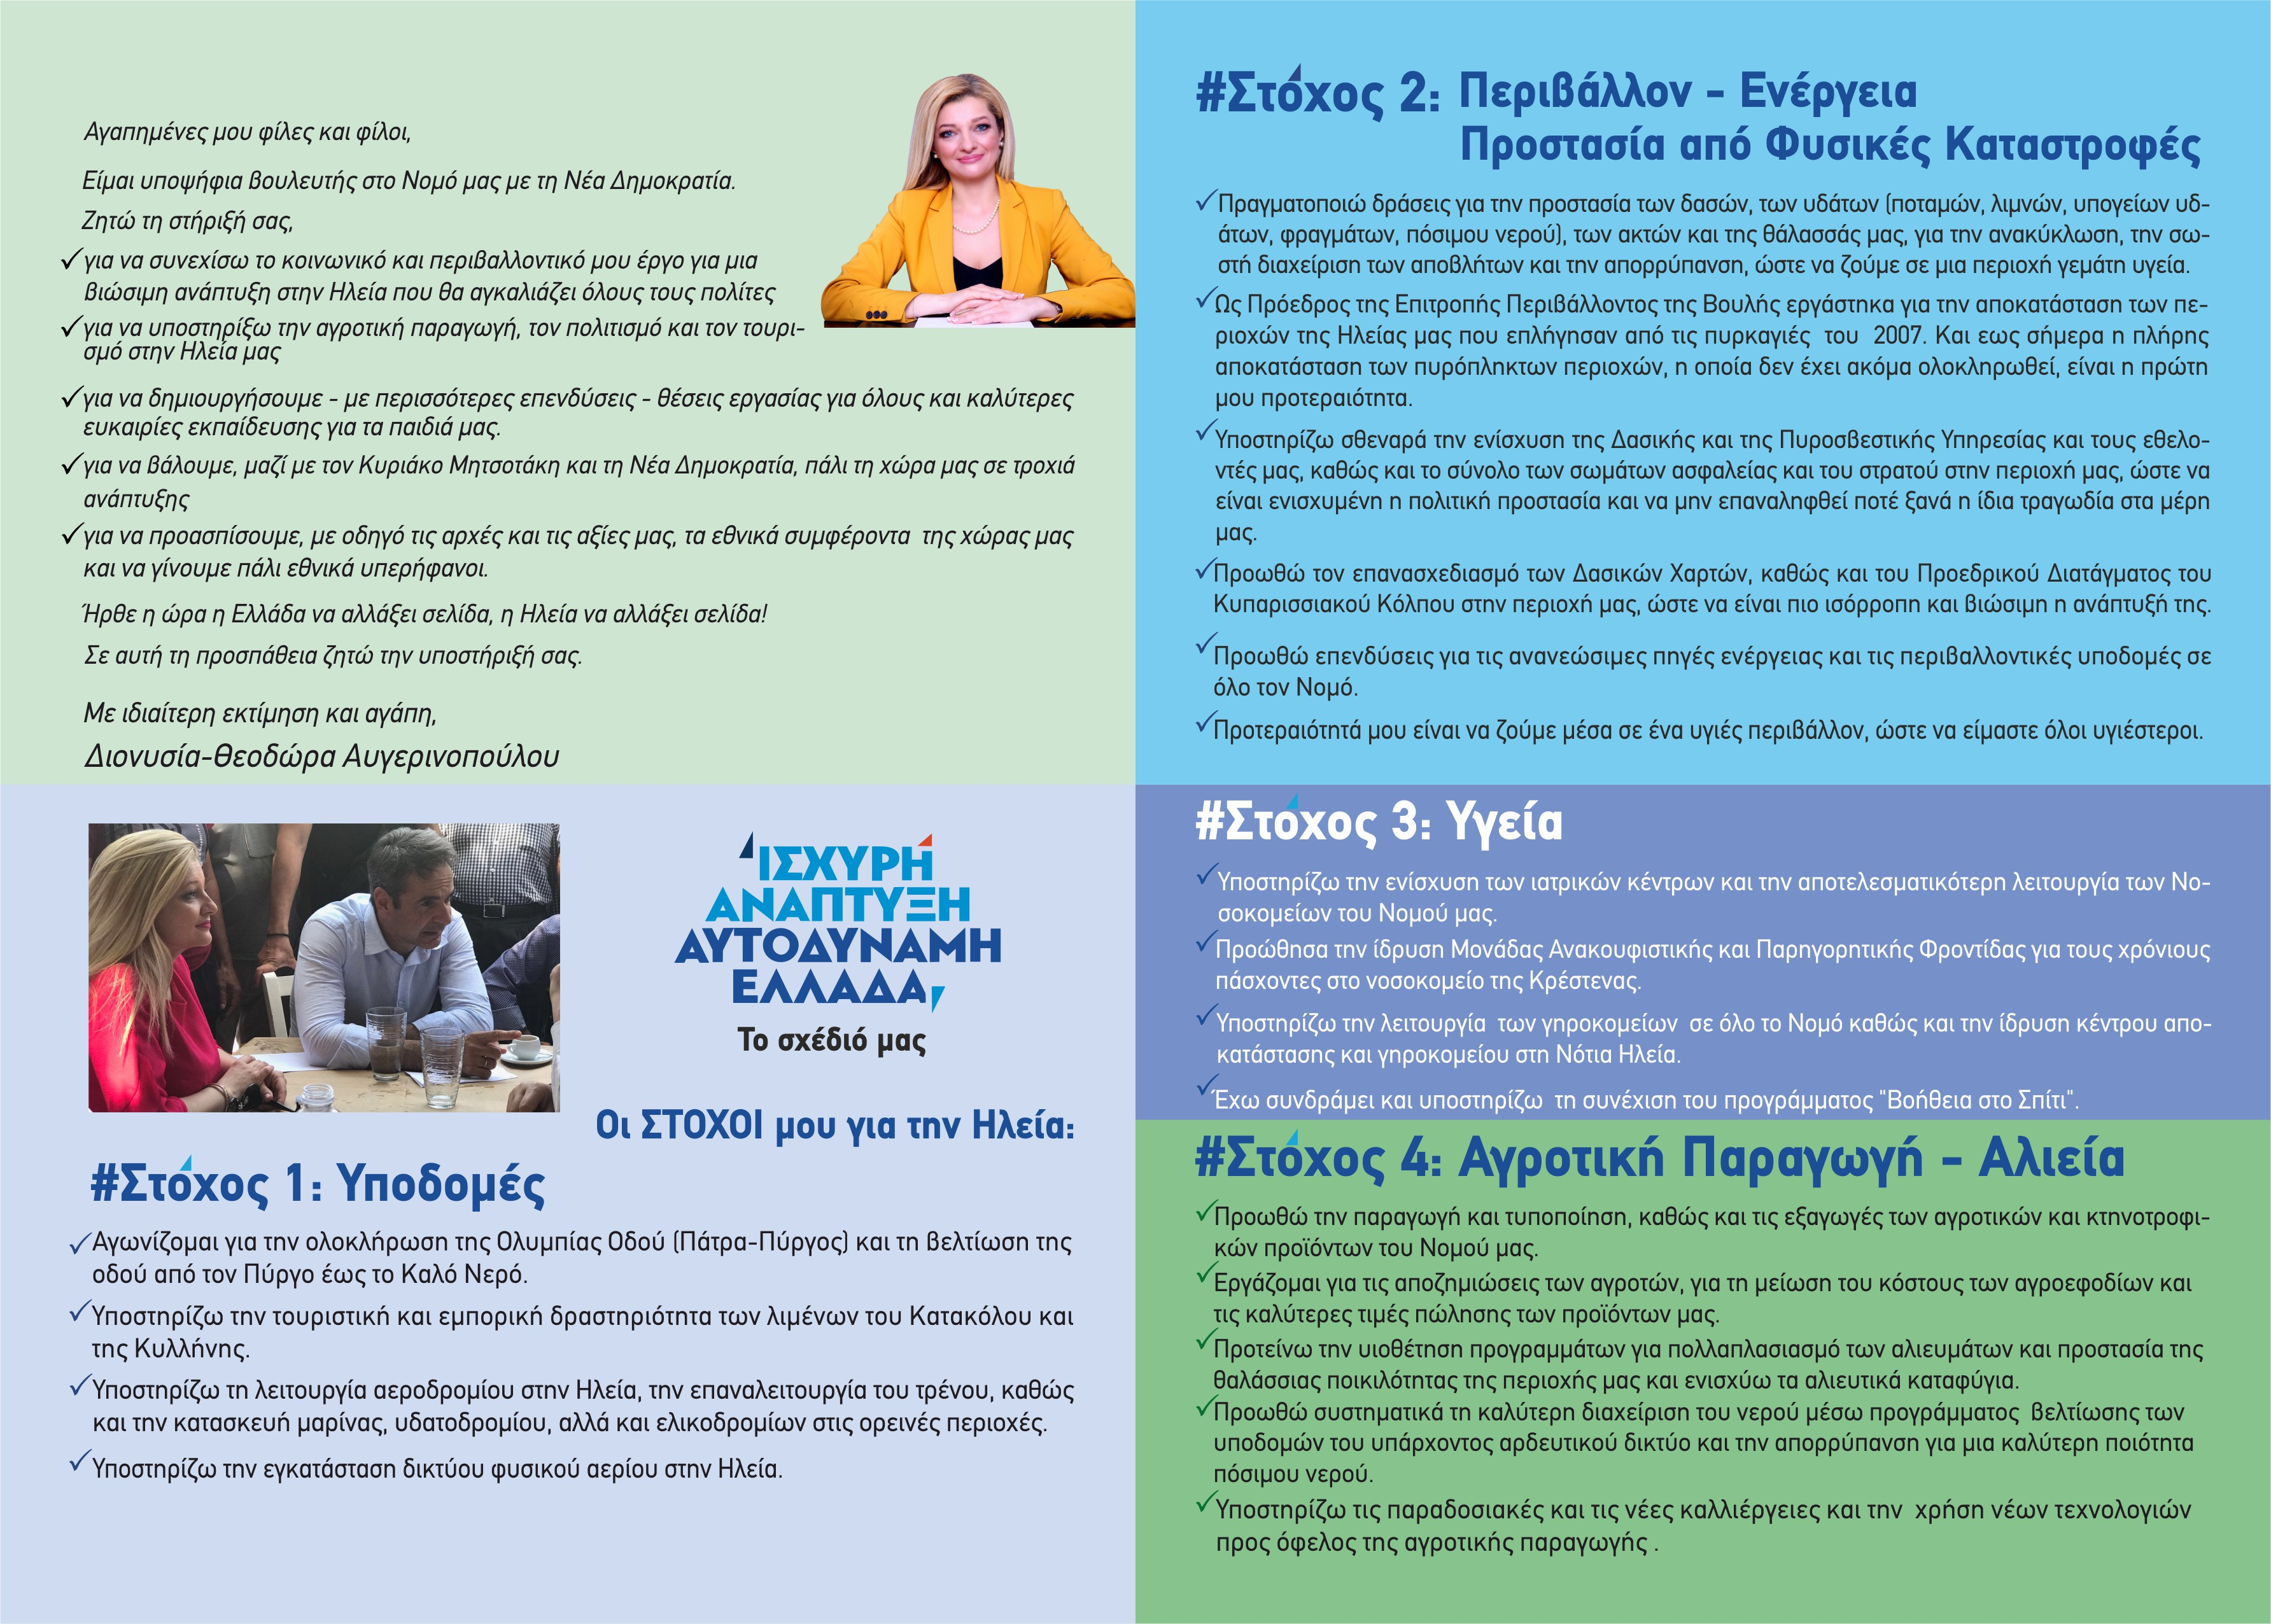 Δρ Διονυσία-Θεοδώρα Αυγερινοπούλου: Δυναμική επιλογή ουσίας καθώς ήρθε η ώρα η Ηλεία να αλλάξει σελίδα- Οι στόχοι της